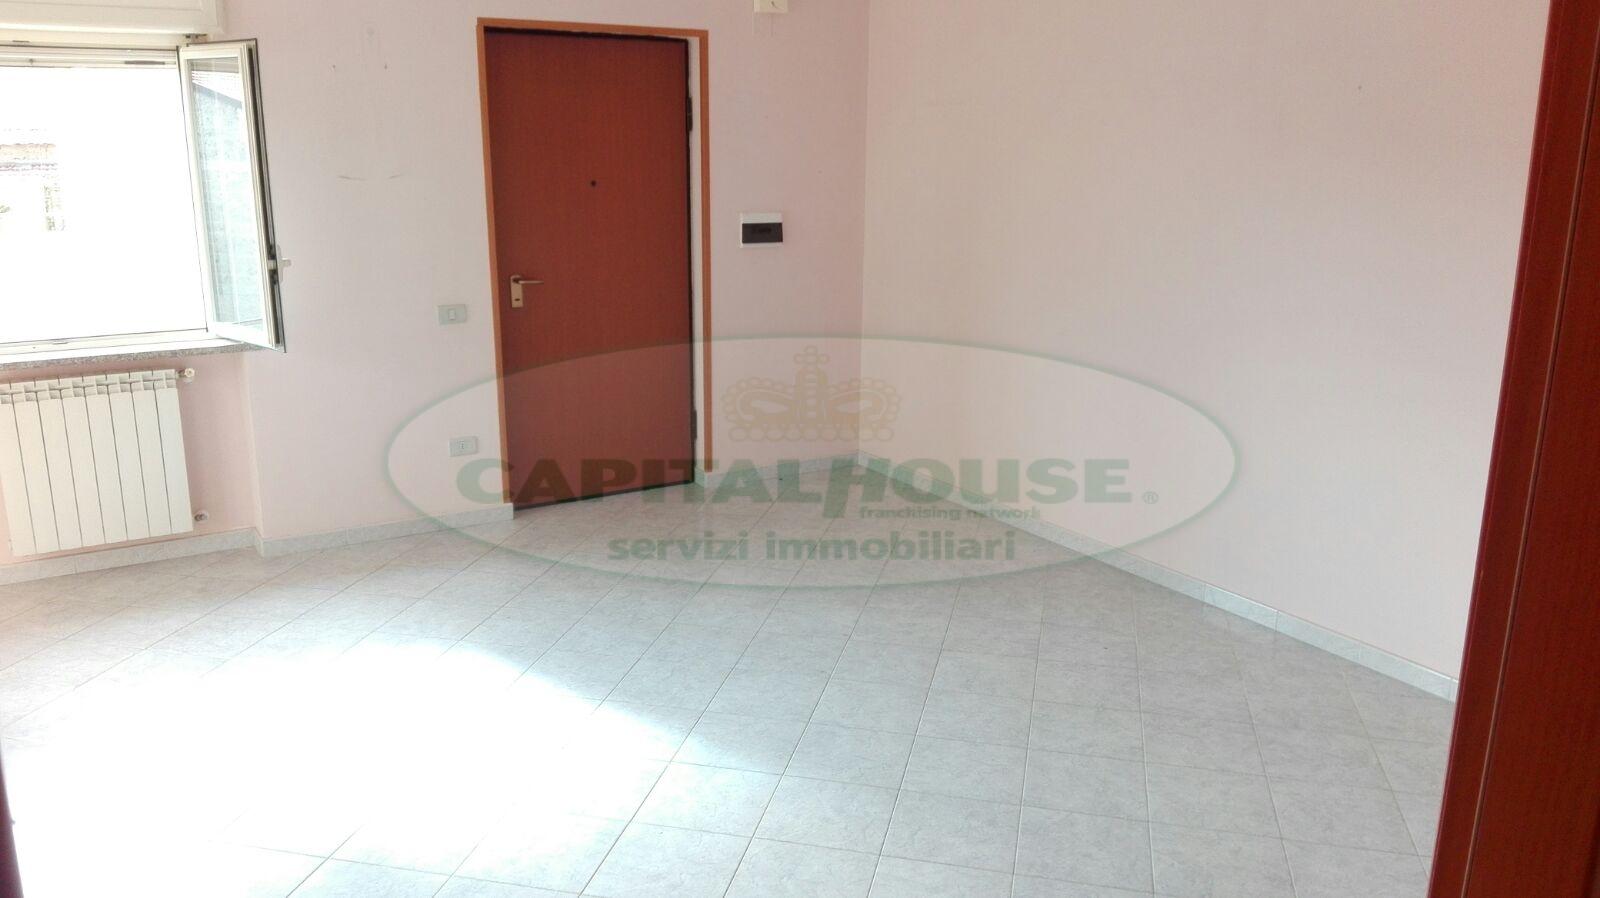 Appartamento in affitto a Macerata Campania, 3 locali, zona Zona: Casalba, prezzo € 97.000 | Cambio Casa.it